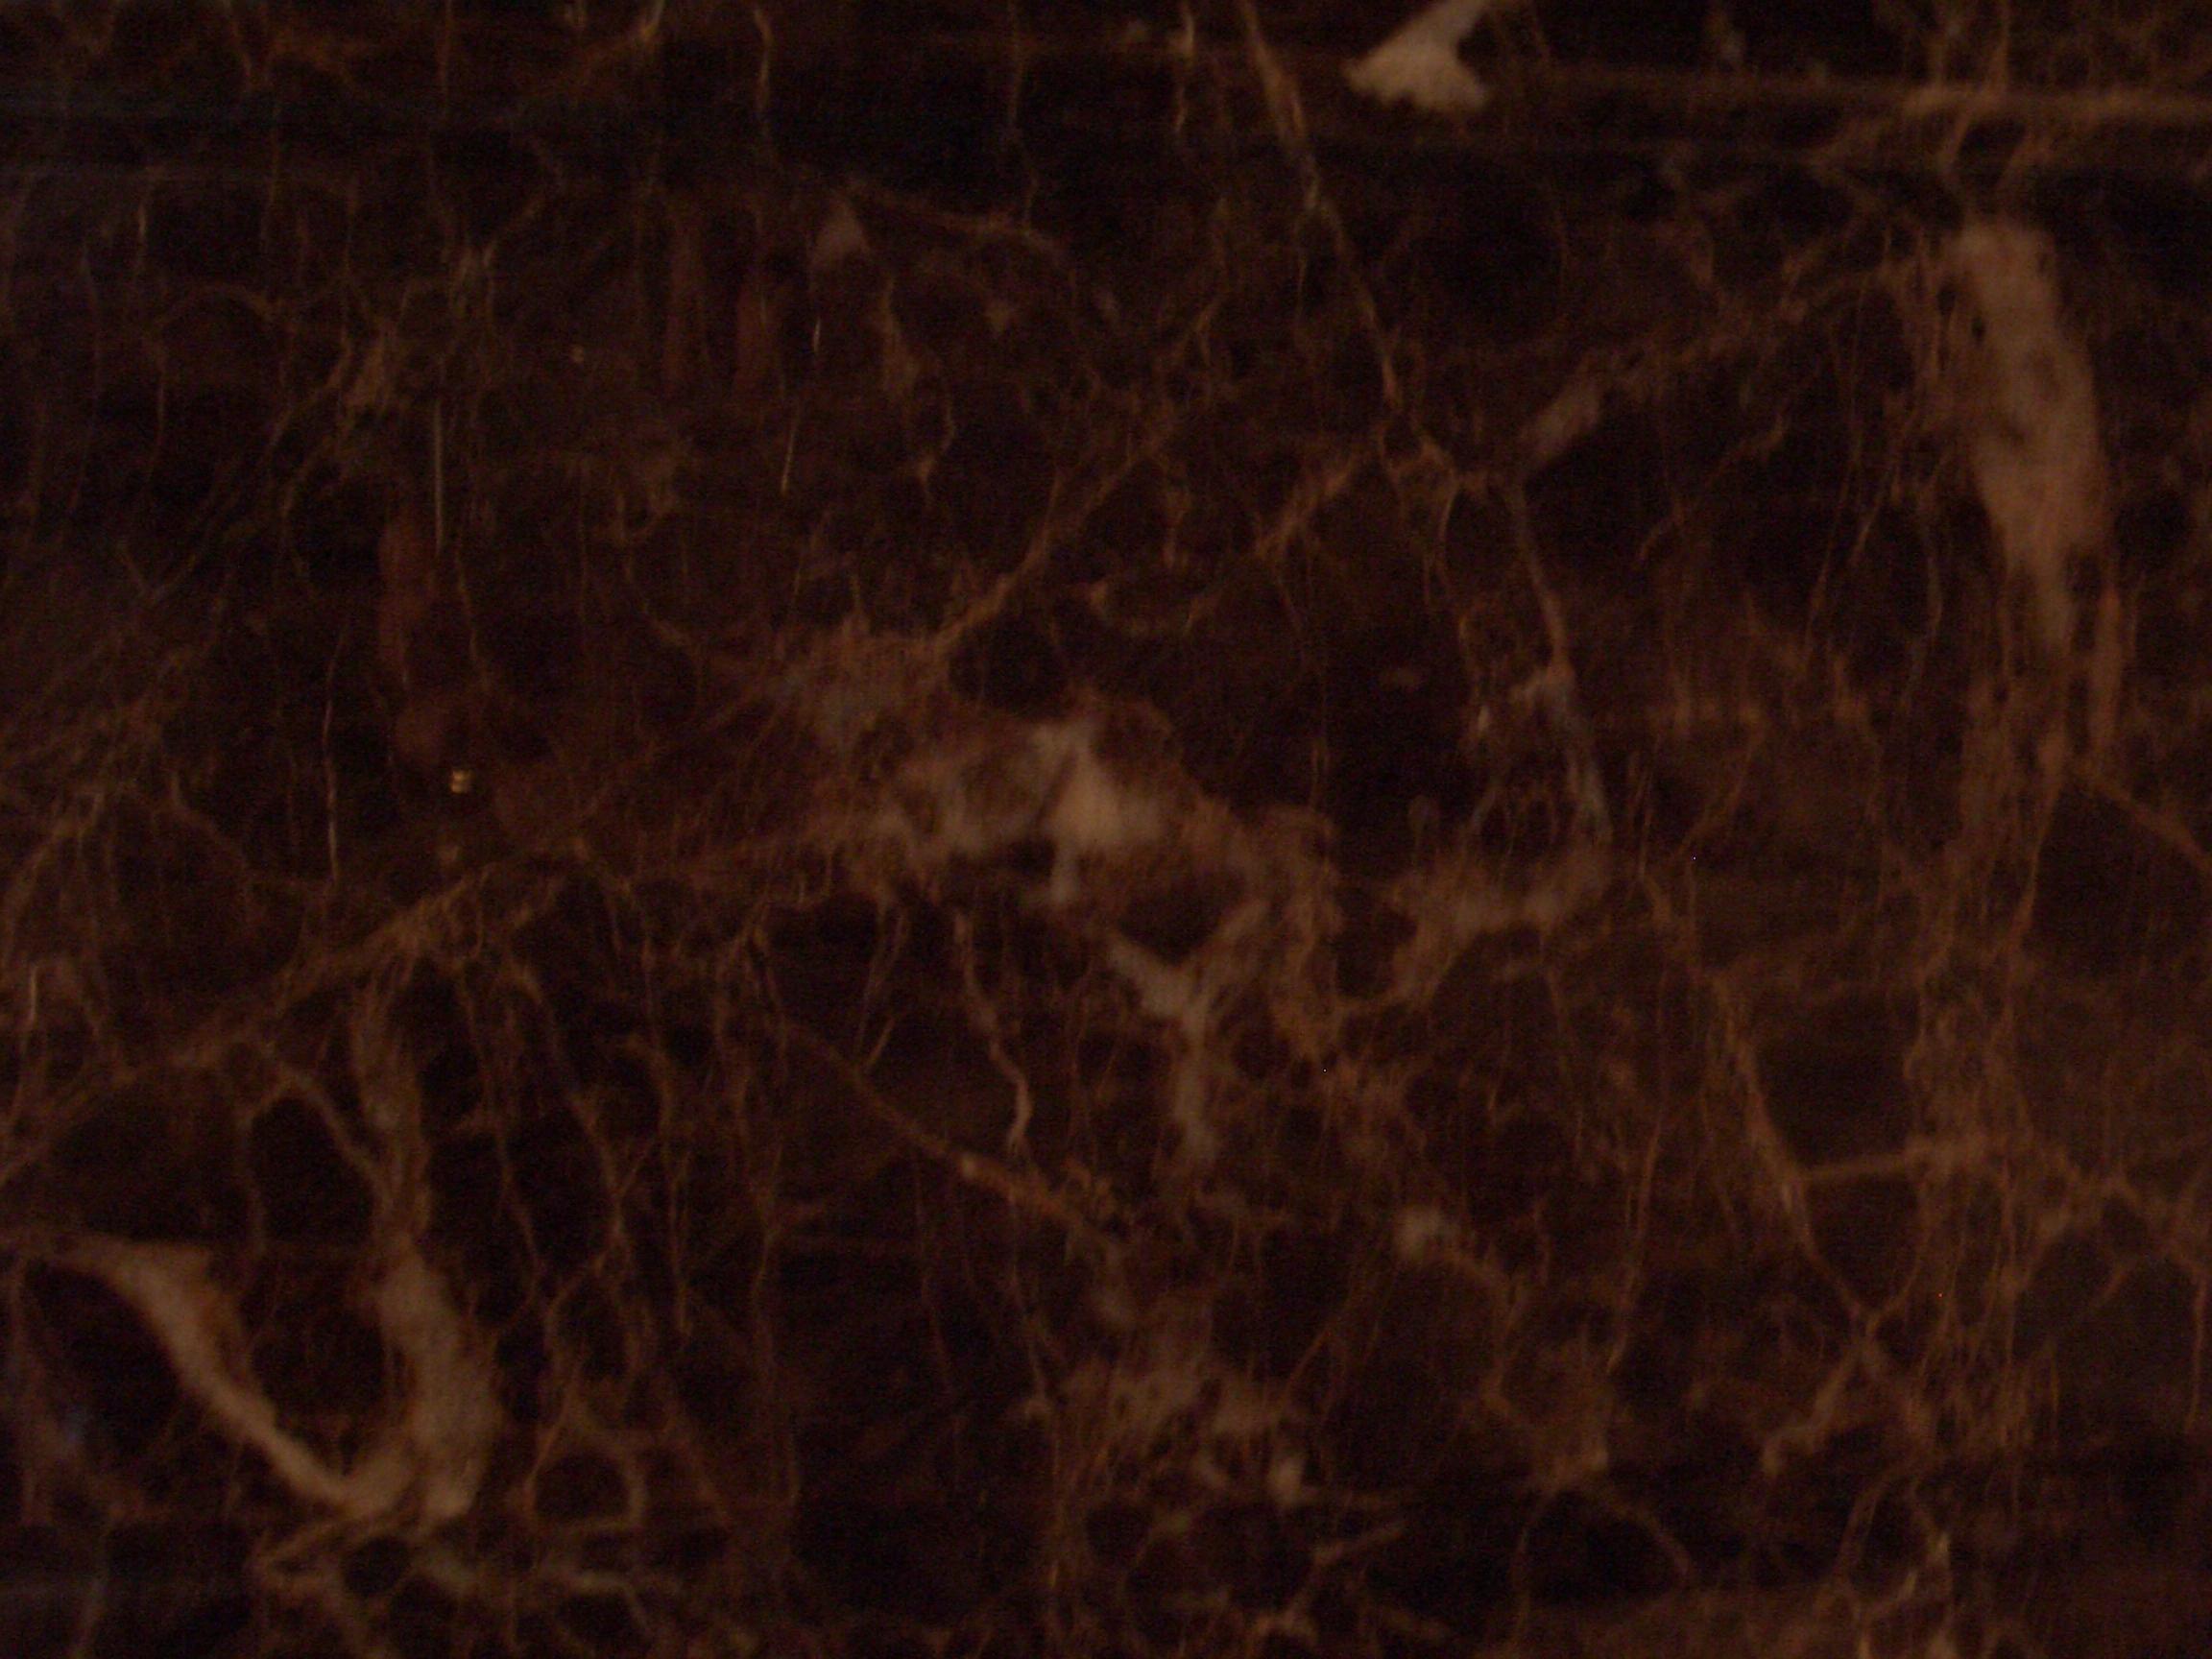 Texture Marble Image 2304x1728 Pixels